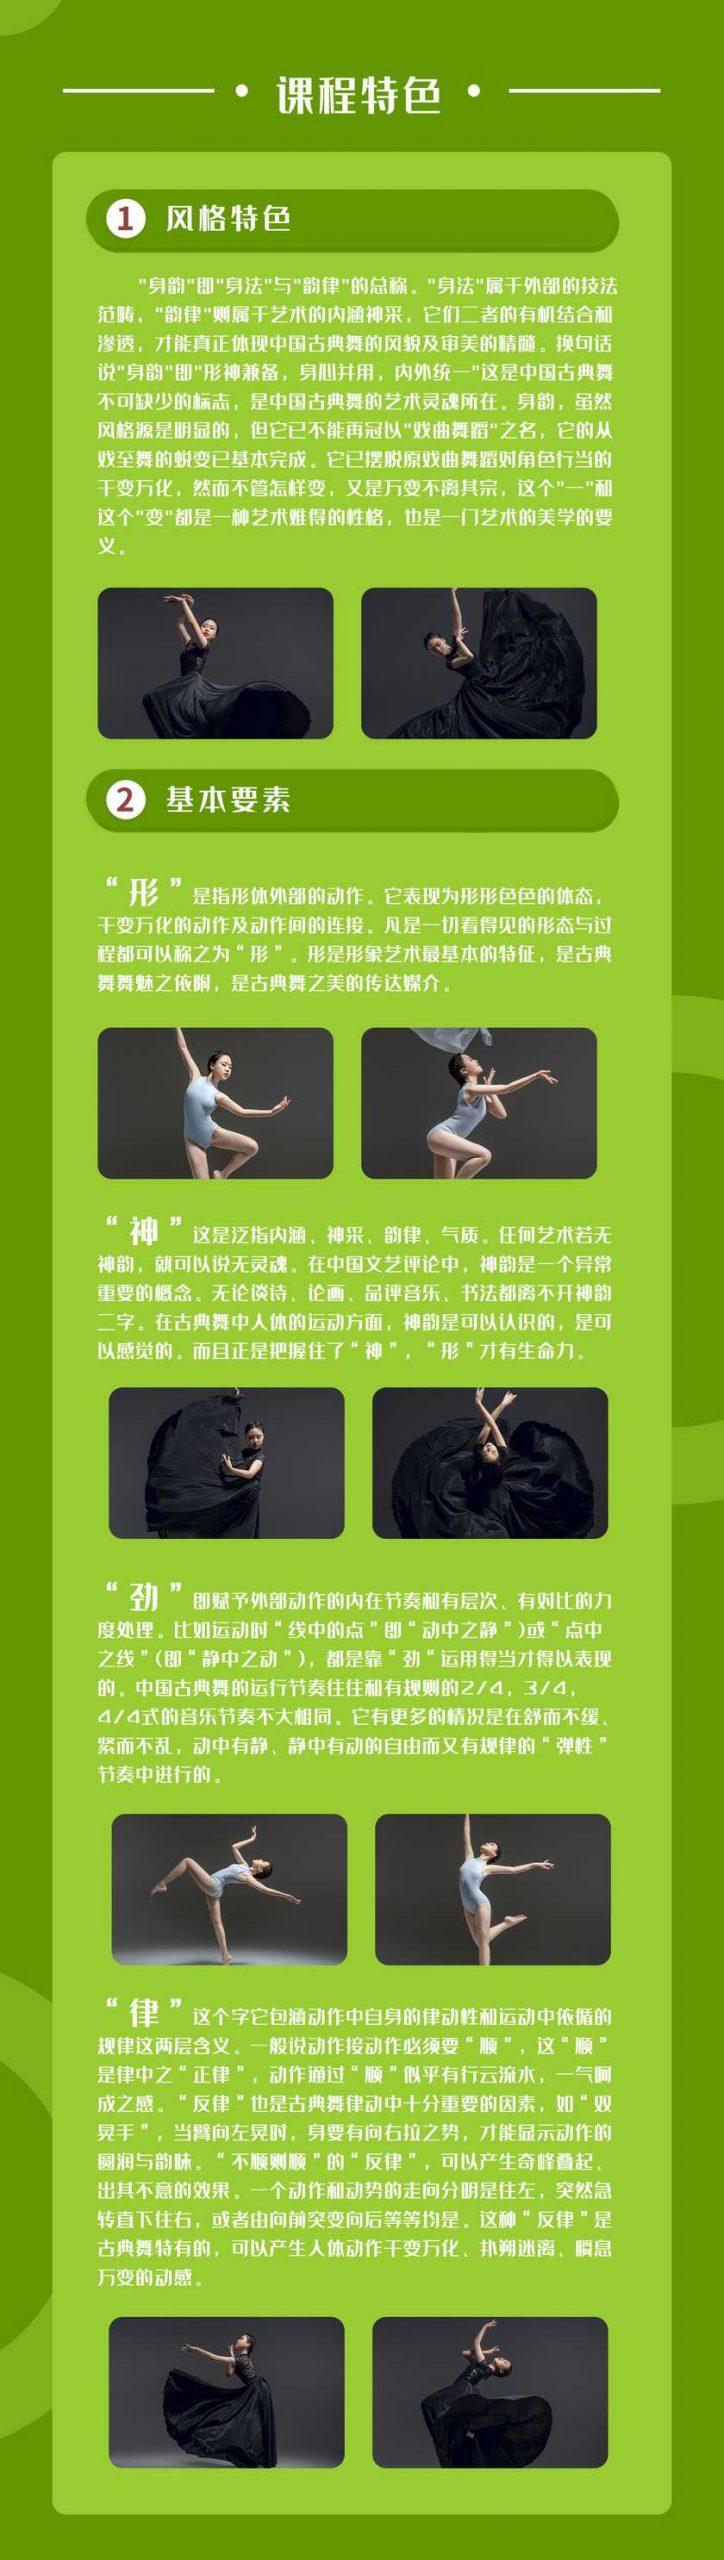 古典舞基础入门教学视频,古典舞基础教学